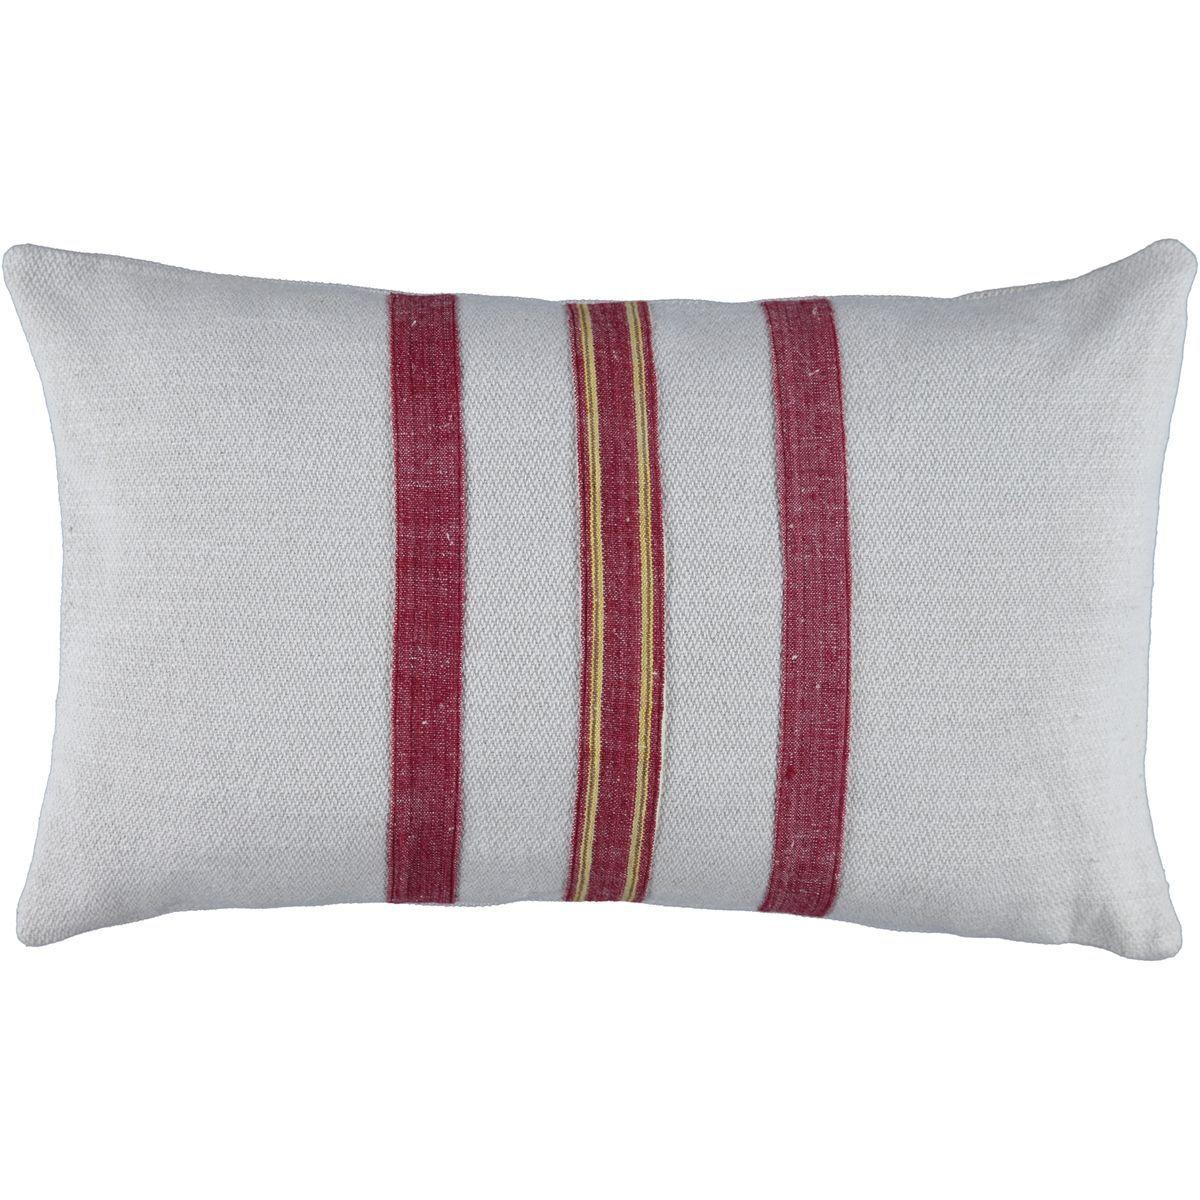 Cushion Cover / Bihter 3 - Bordeaux Stripes (50x30)